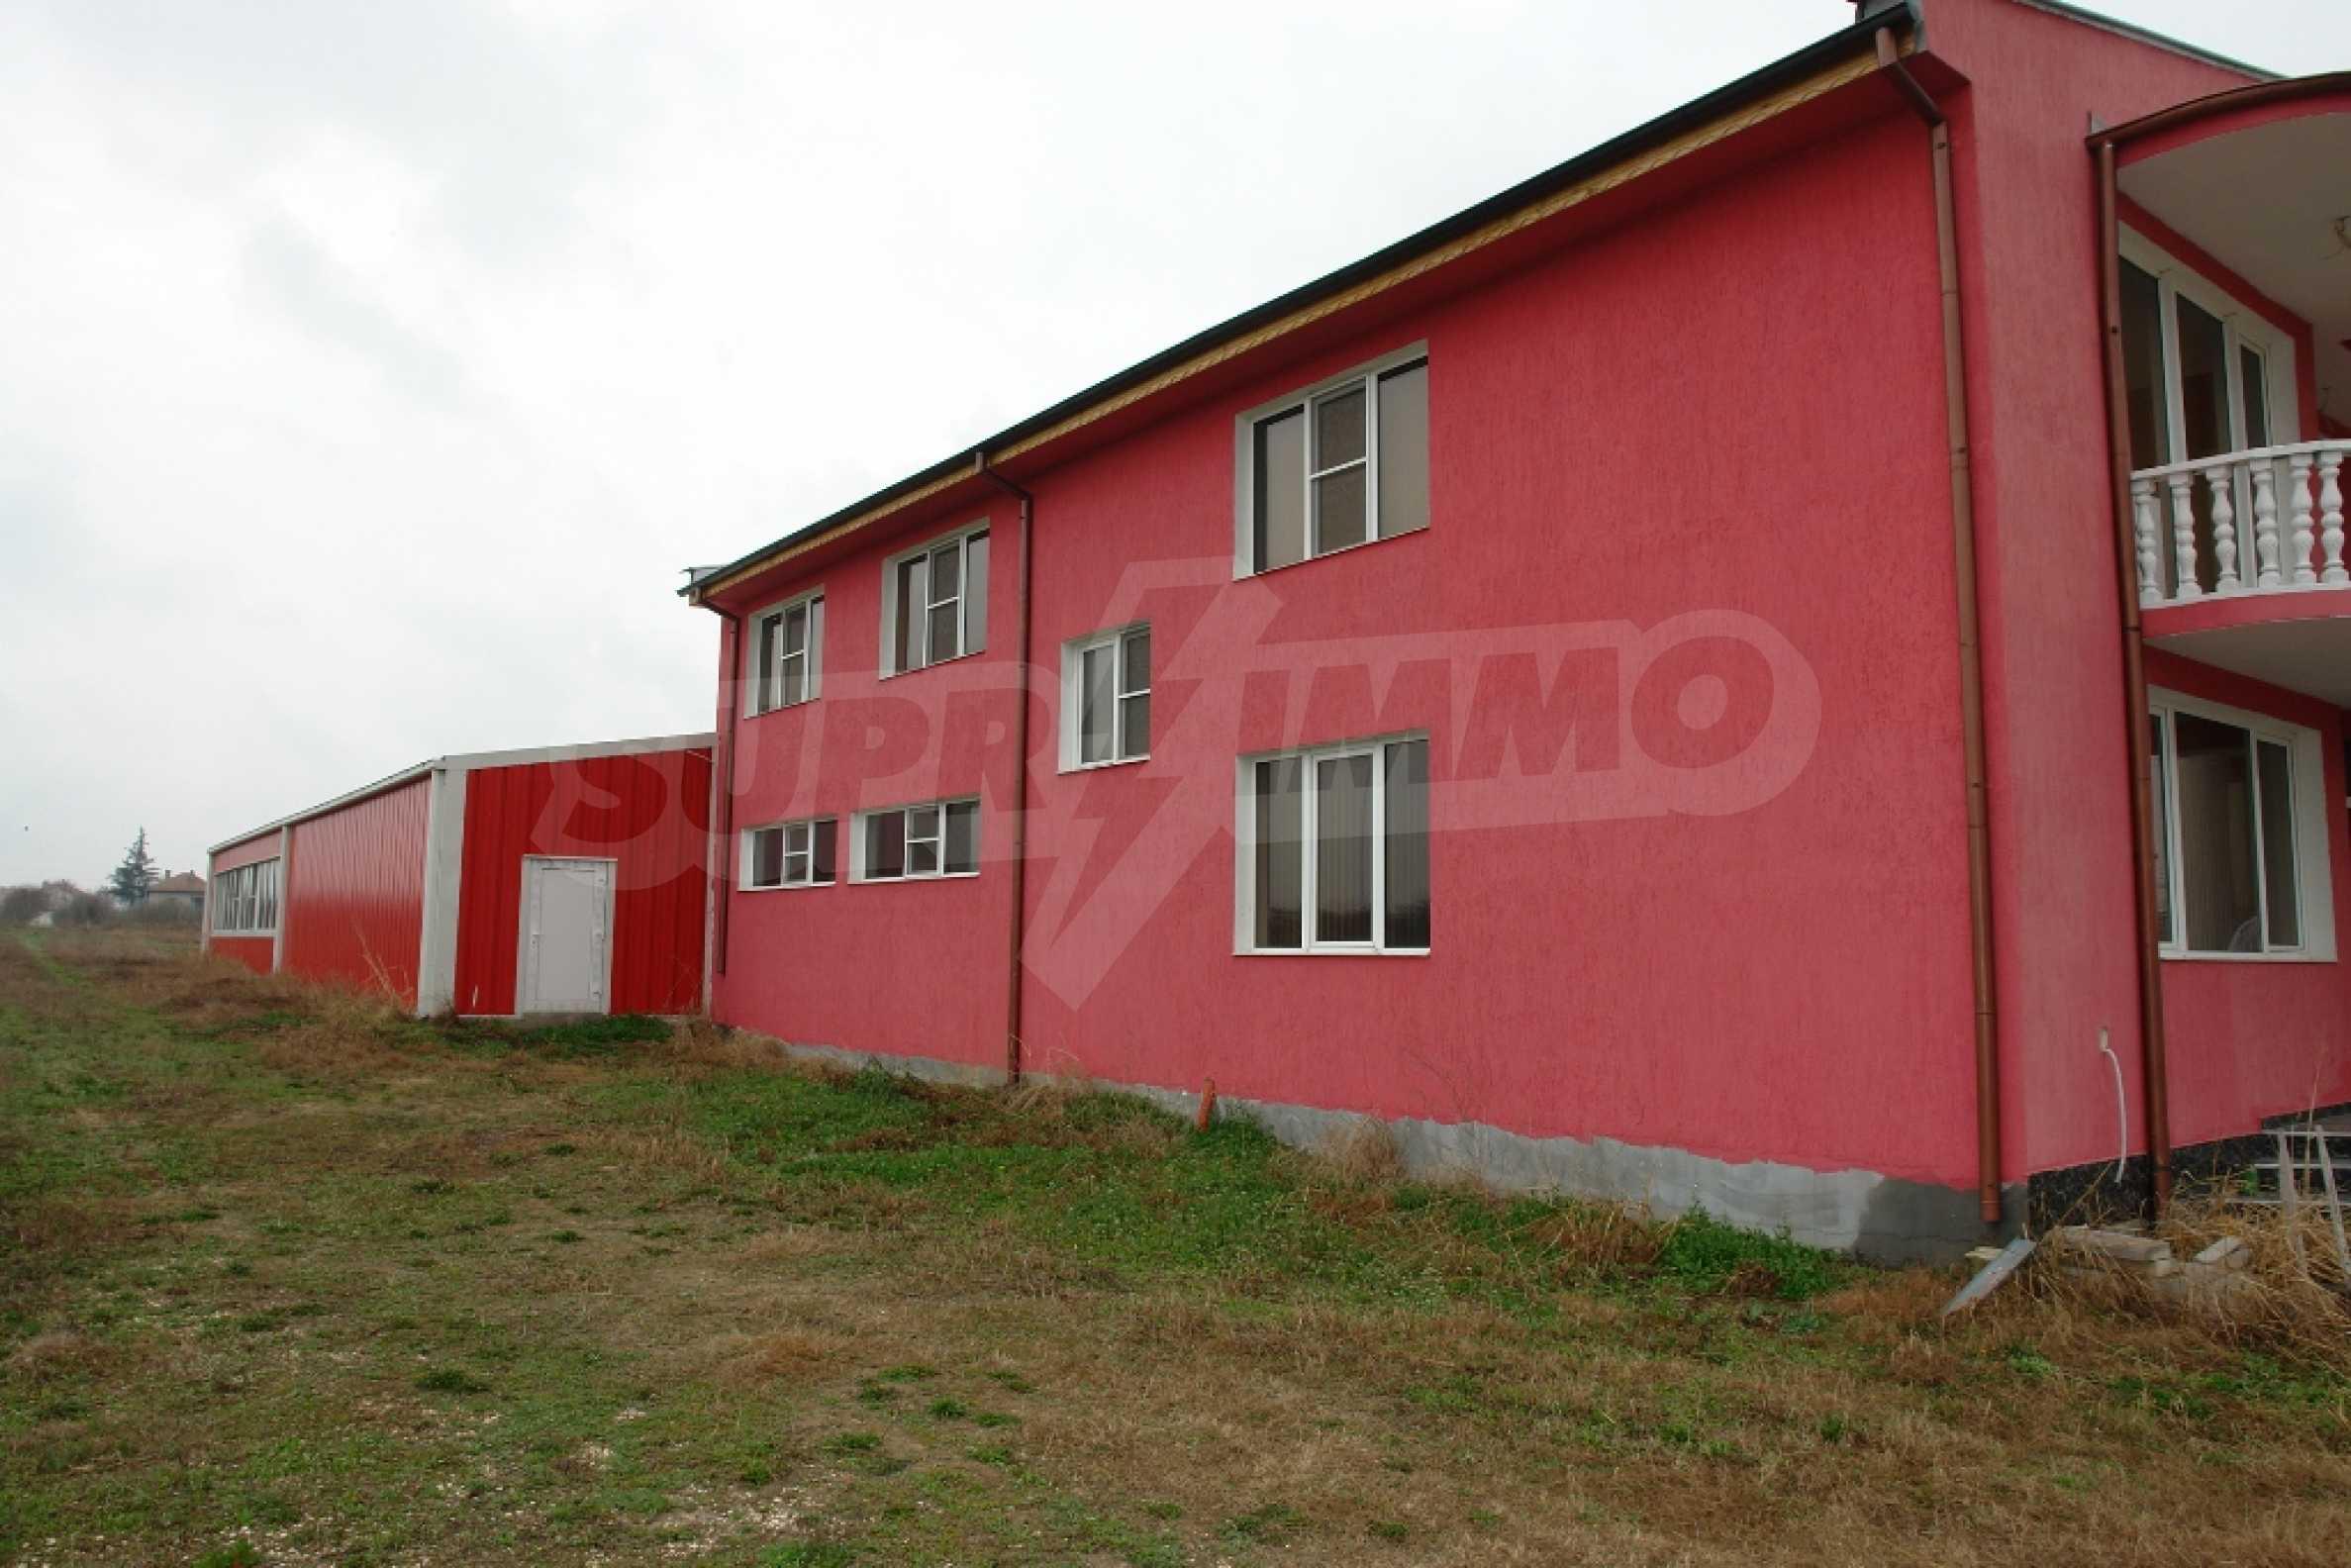 Индустриално-пакетажна база в град Мартен, Русенска област